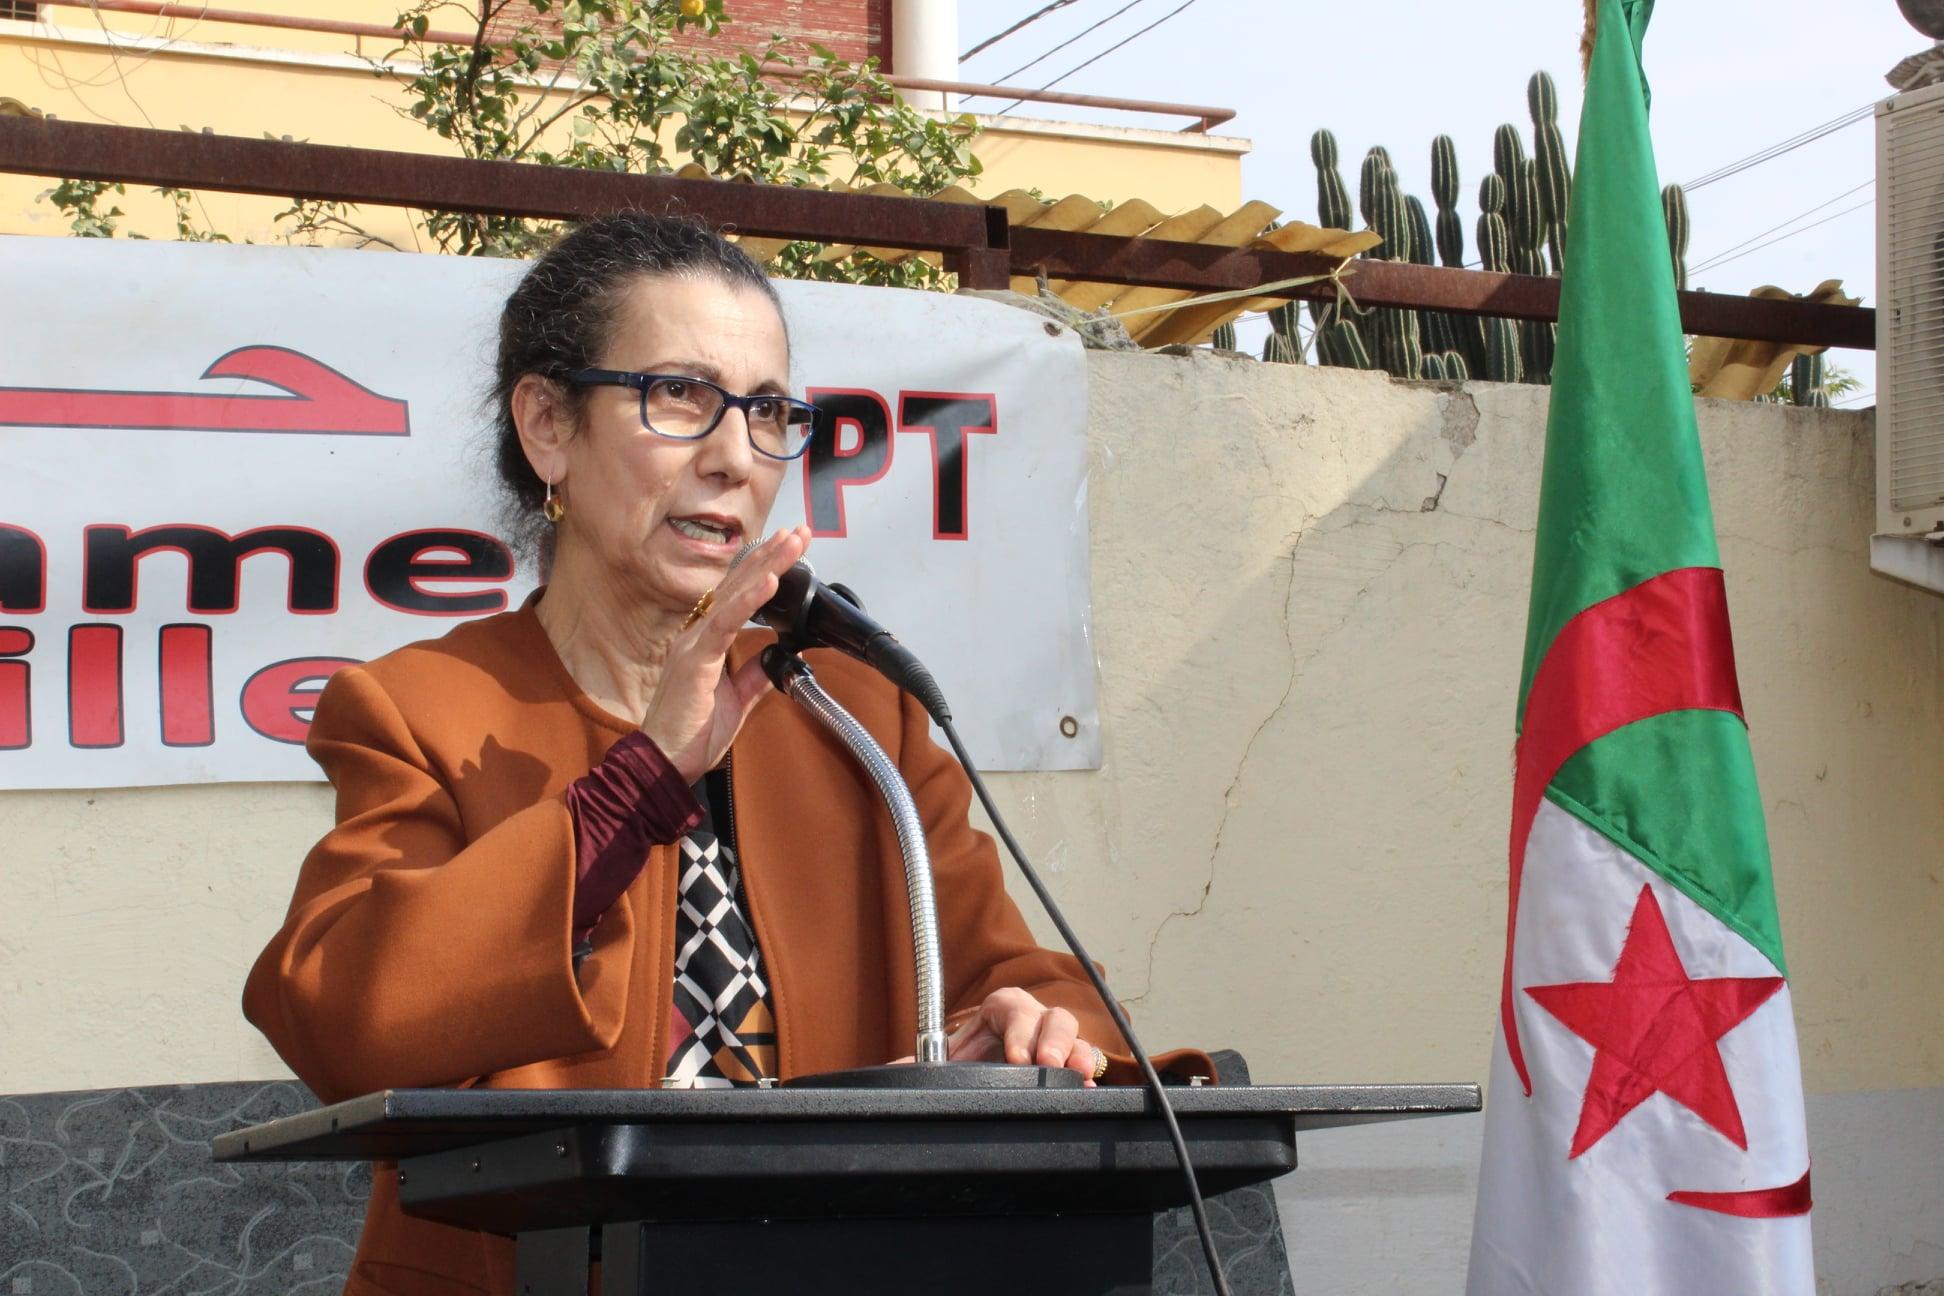 حزب العمال عن «الخطوة العدوانية» للمغرب: الإستجابة لمطالب الأغلبية المشروعة هي المرداس الحامي للأمة